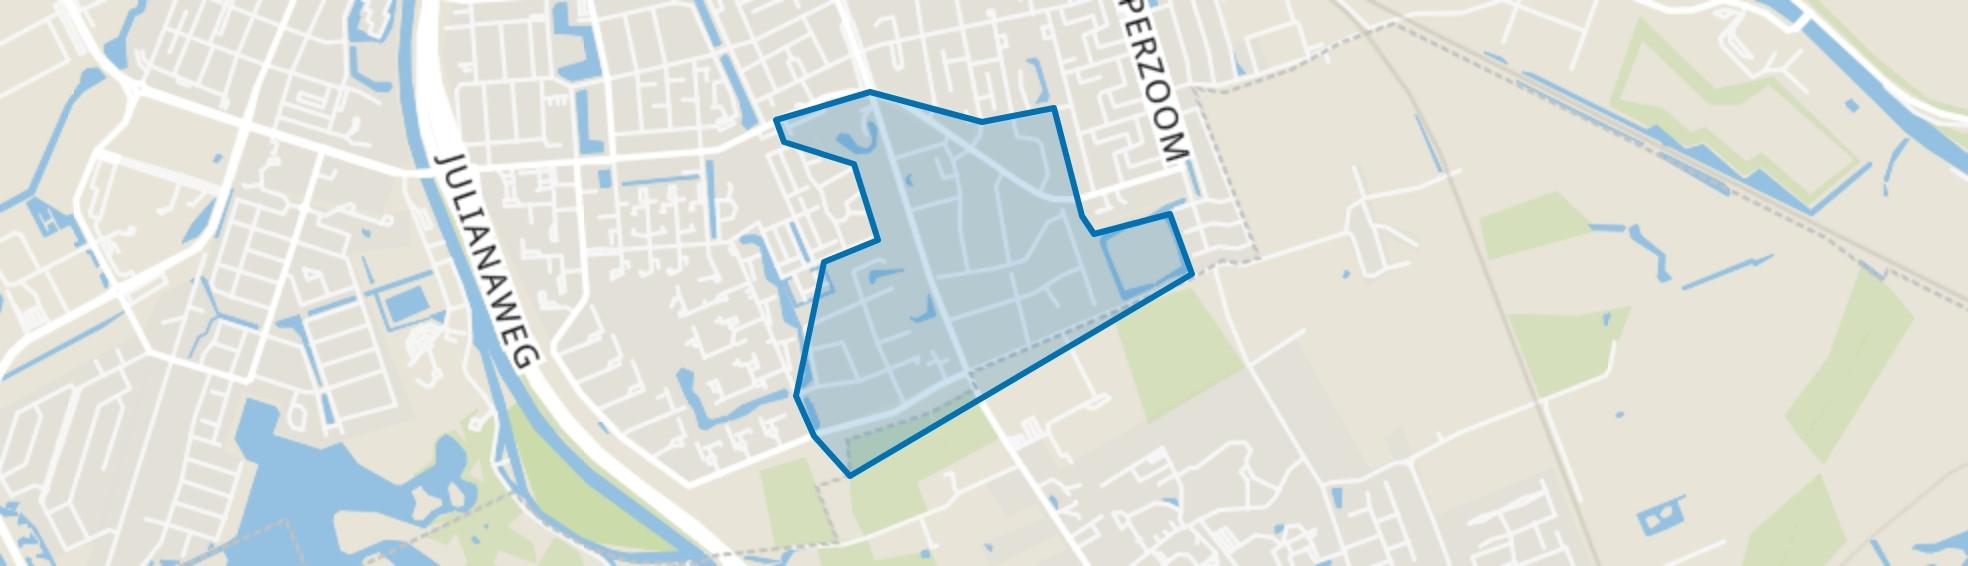 Villabuurt, Groningen map